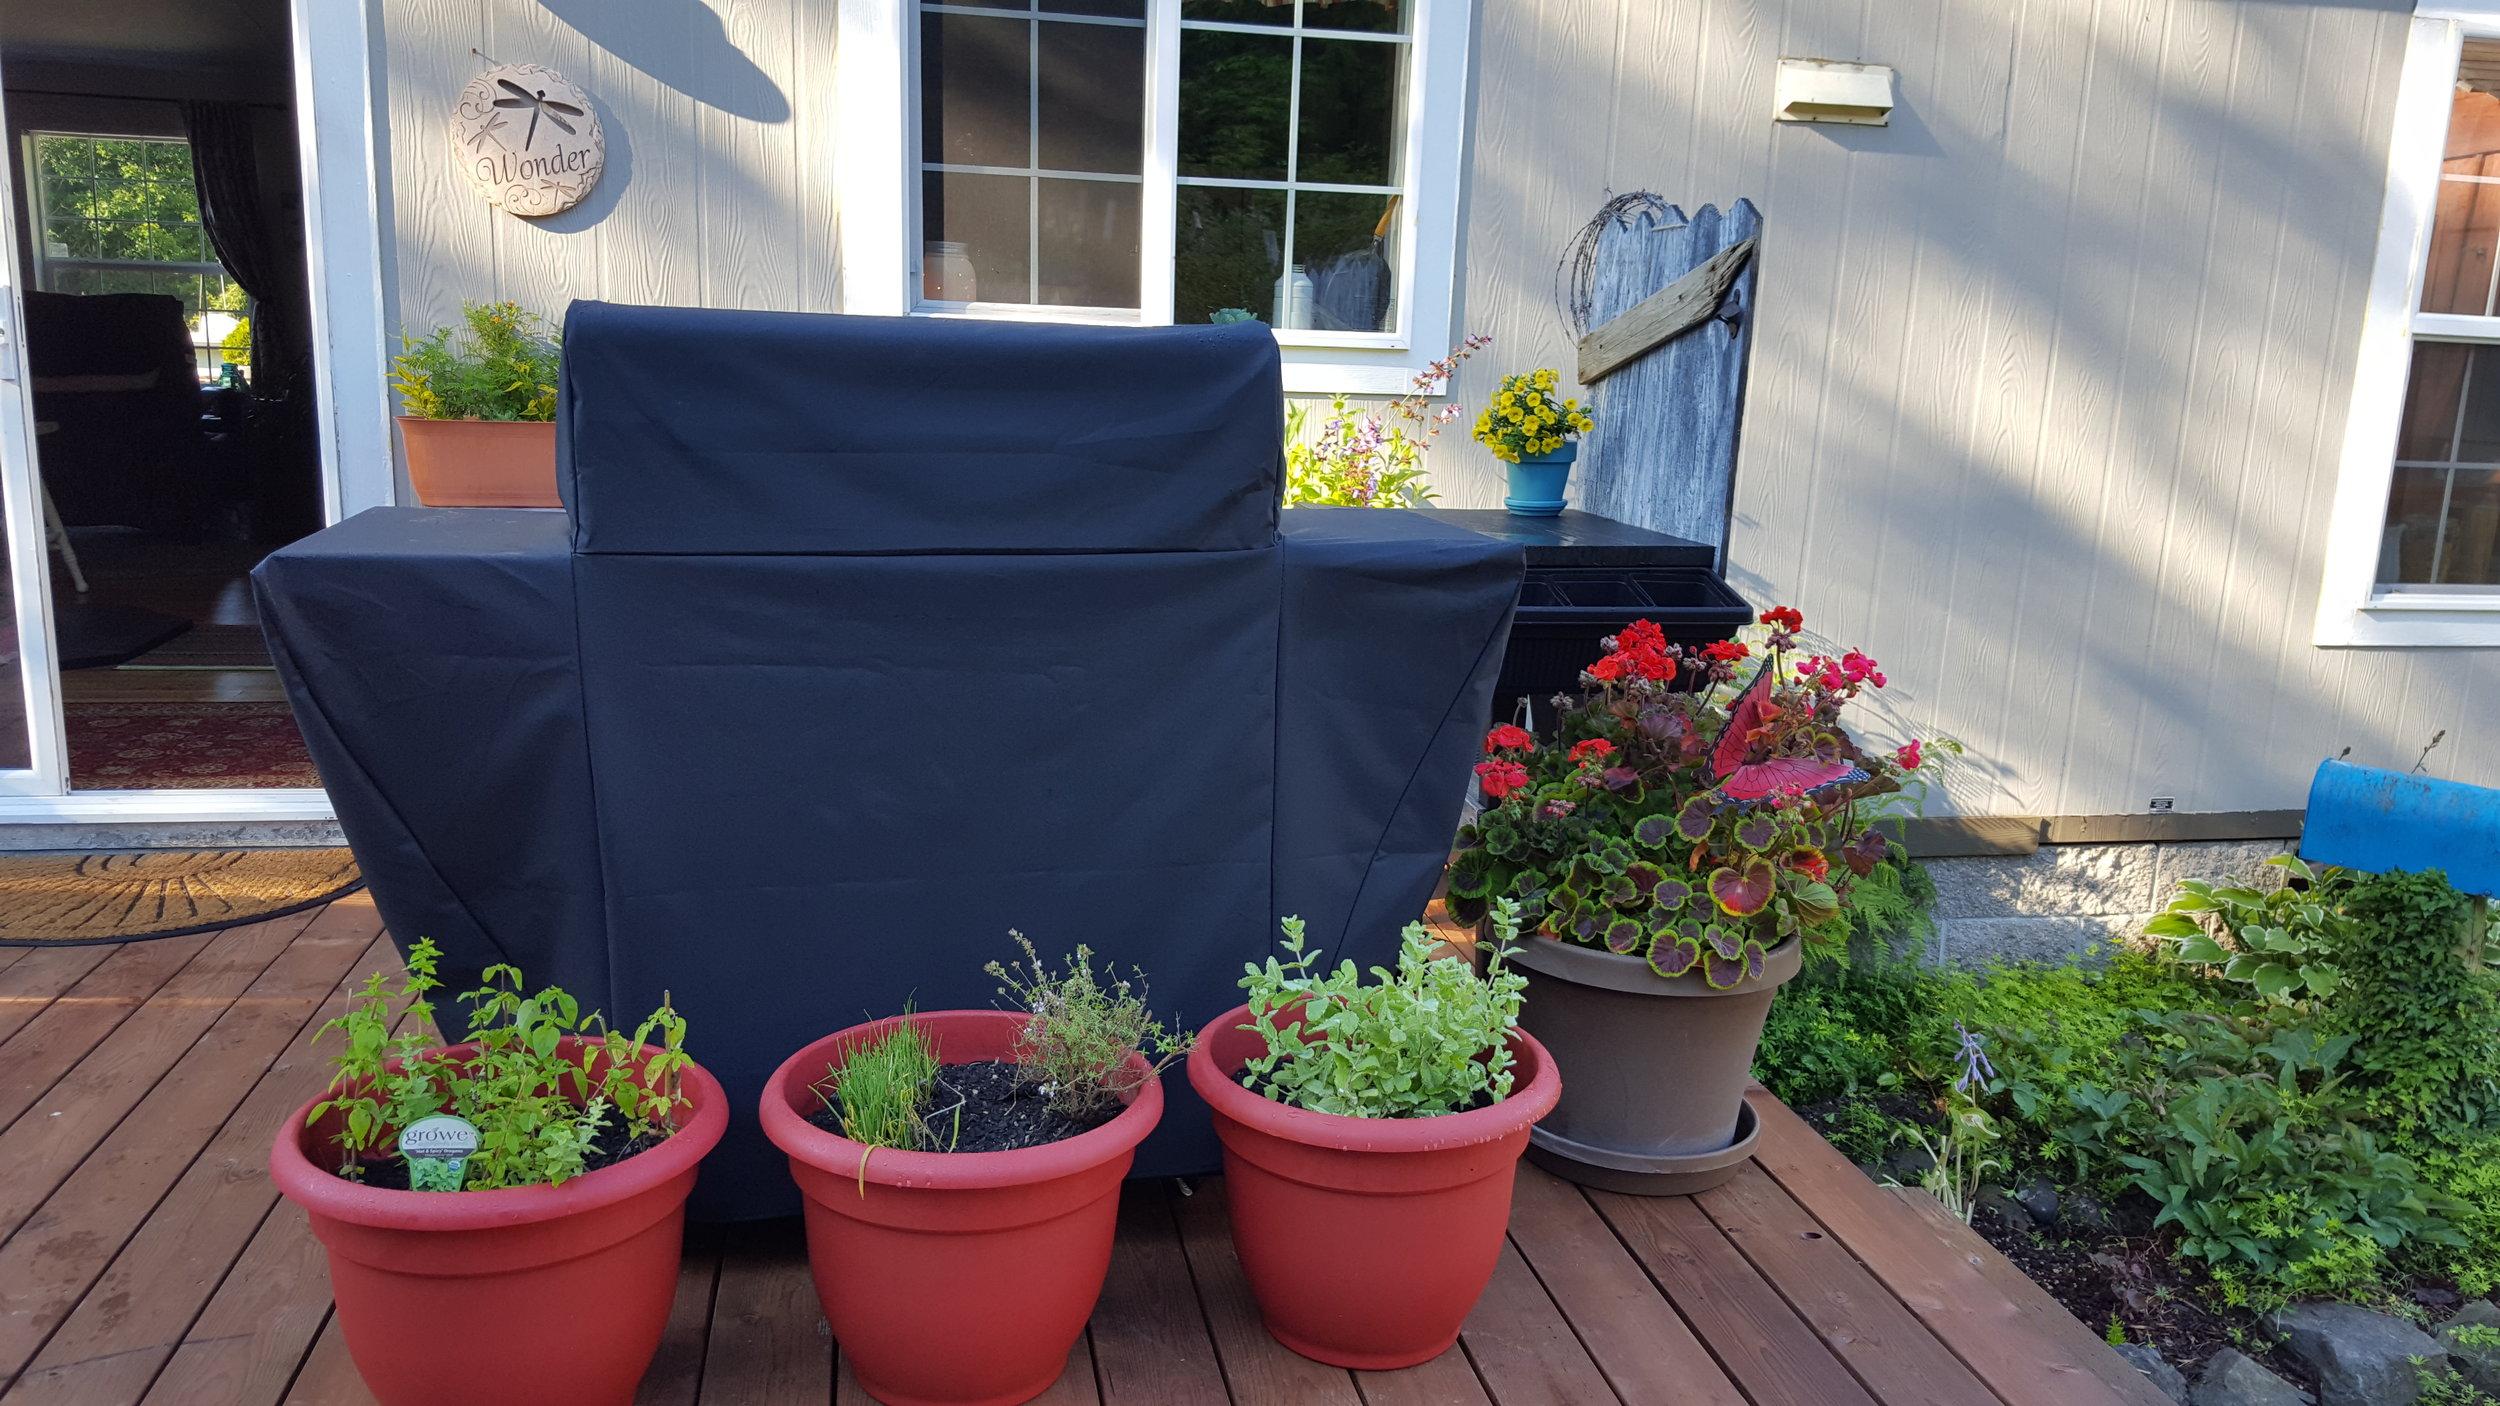 Create an outdoor kitchen nook